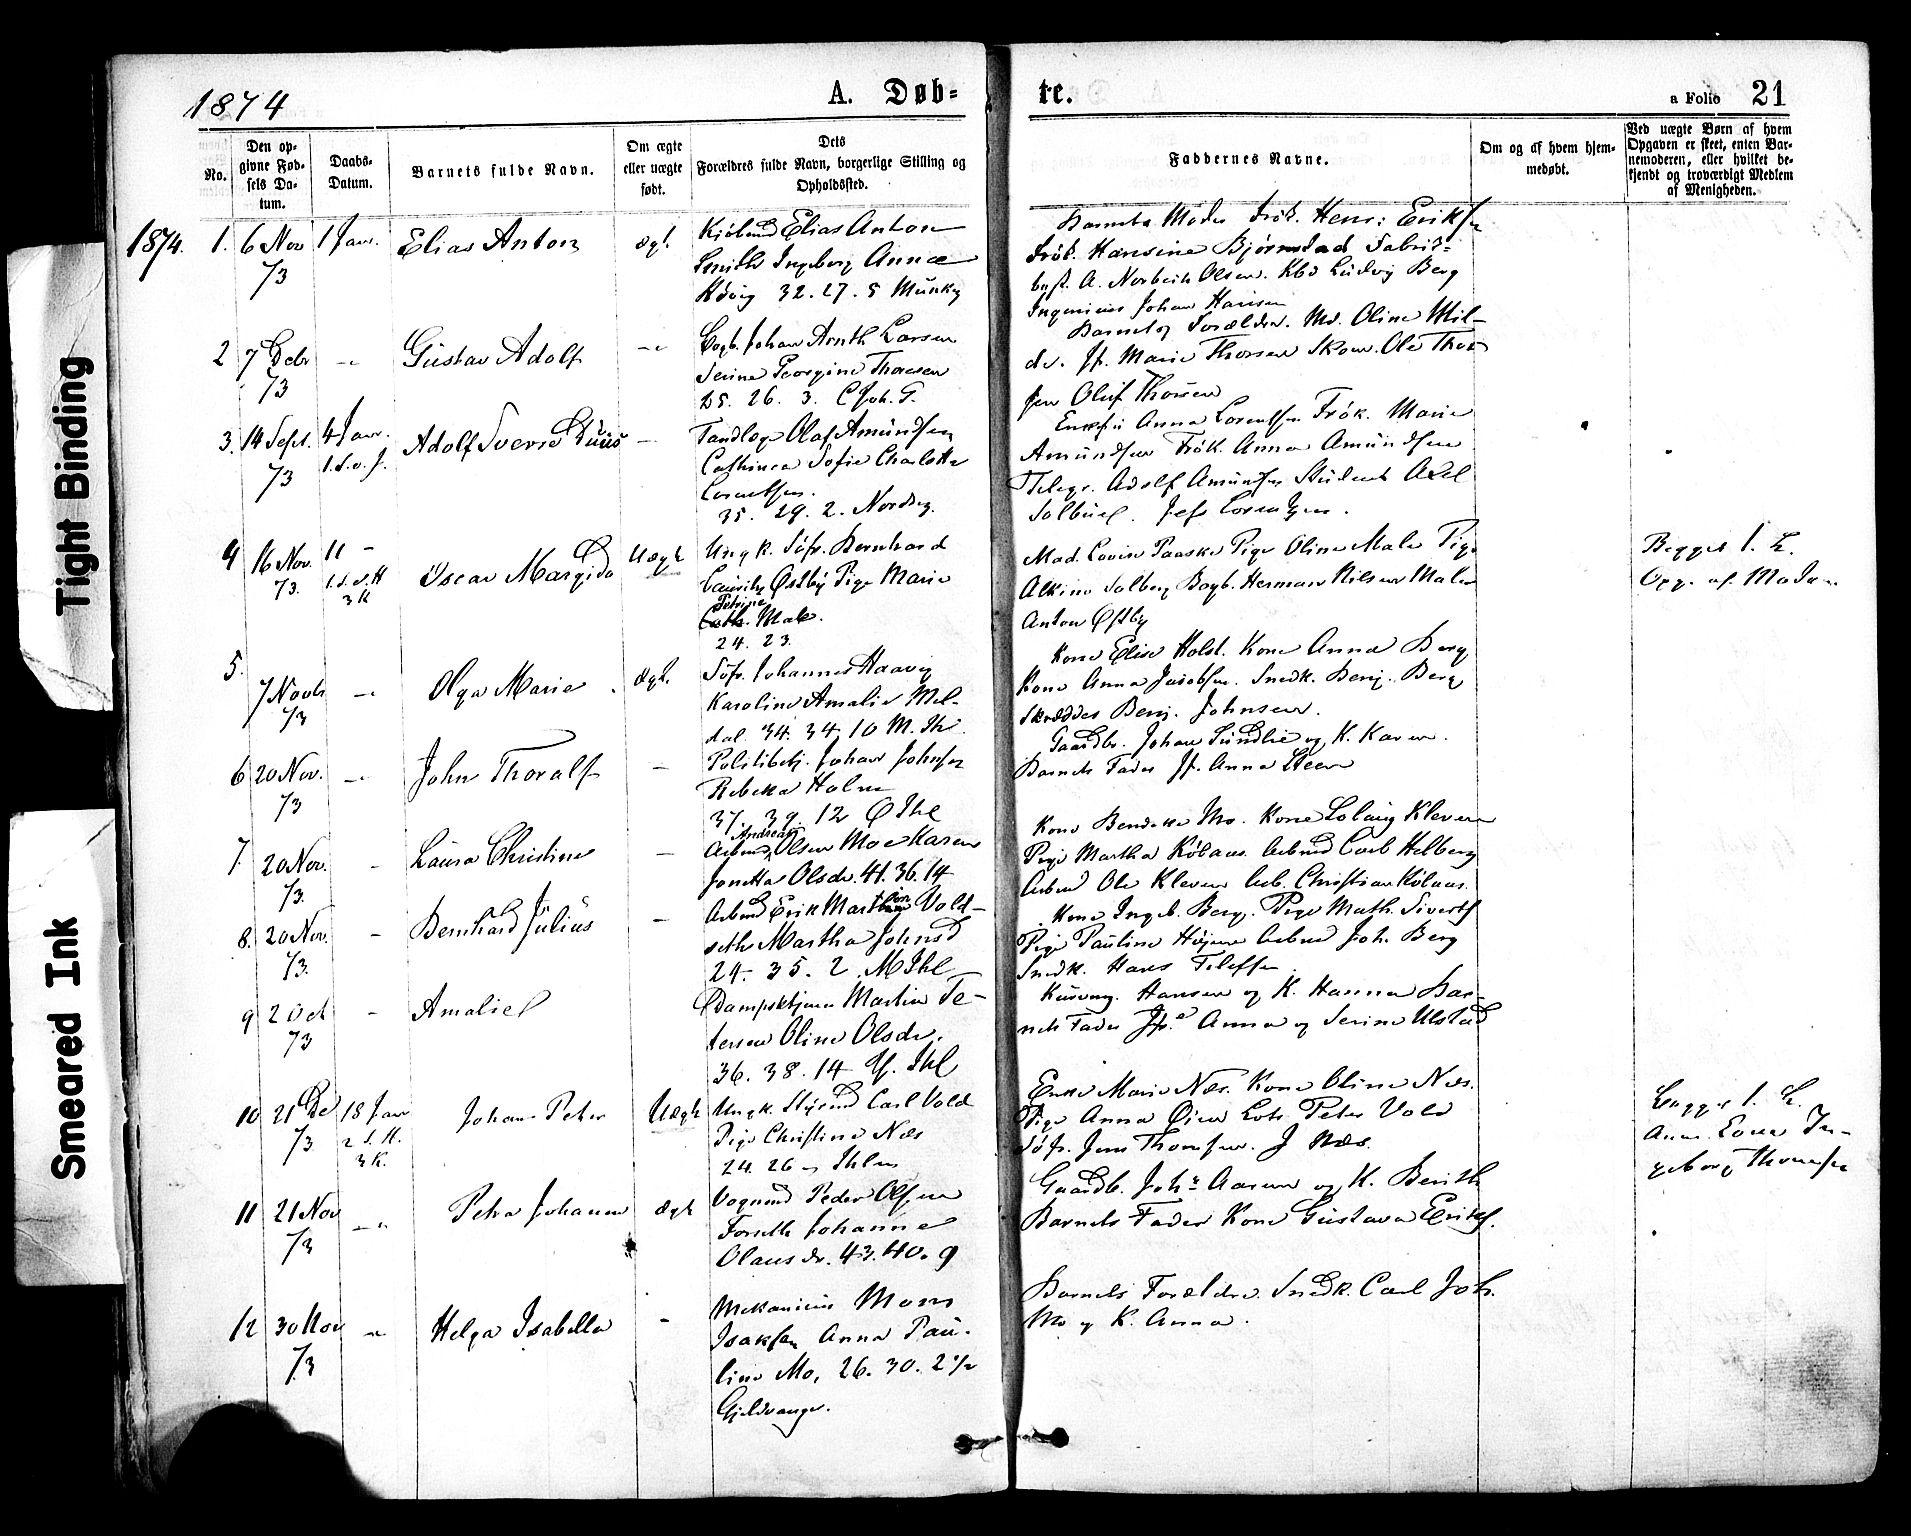 SAT, Ministerialprotokoller, klokkerbøker og fødselsregistre - Sør-Trøndelag, 602/L0118: Ministerialbok nr. 602A16, 1873-1879, s. 21